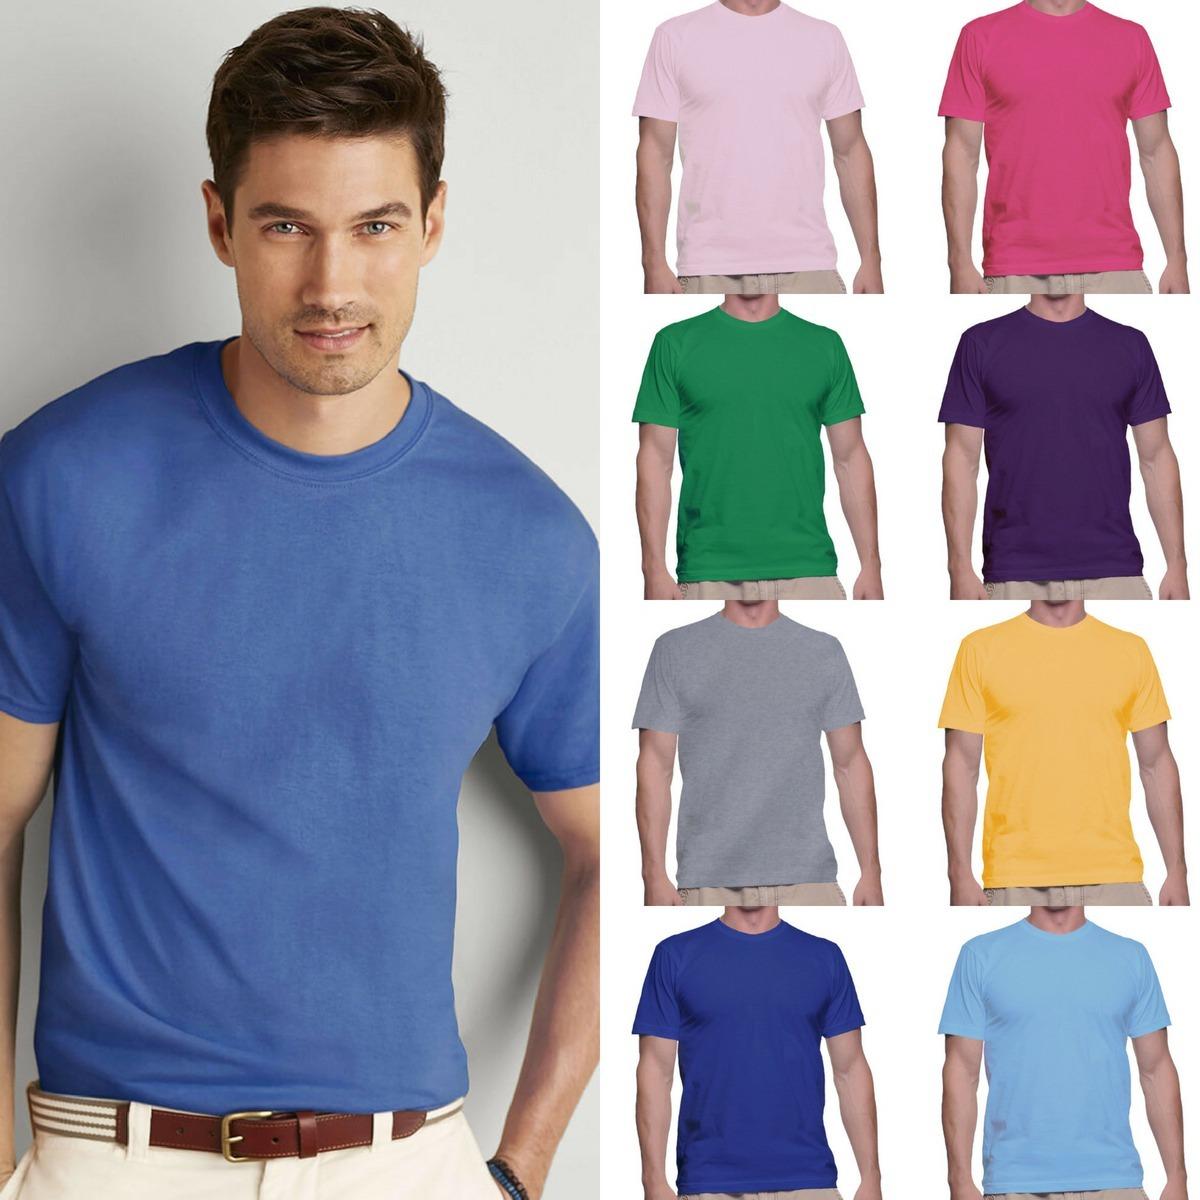 cd661e59f4 camisetas básica lisa várias cores camisa t-shirt masculina. Carregando  zoom.